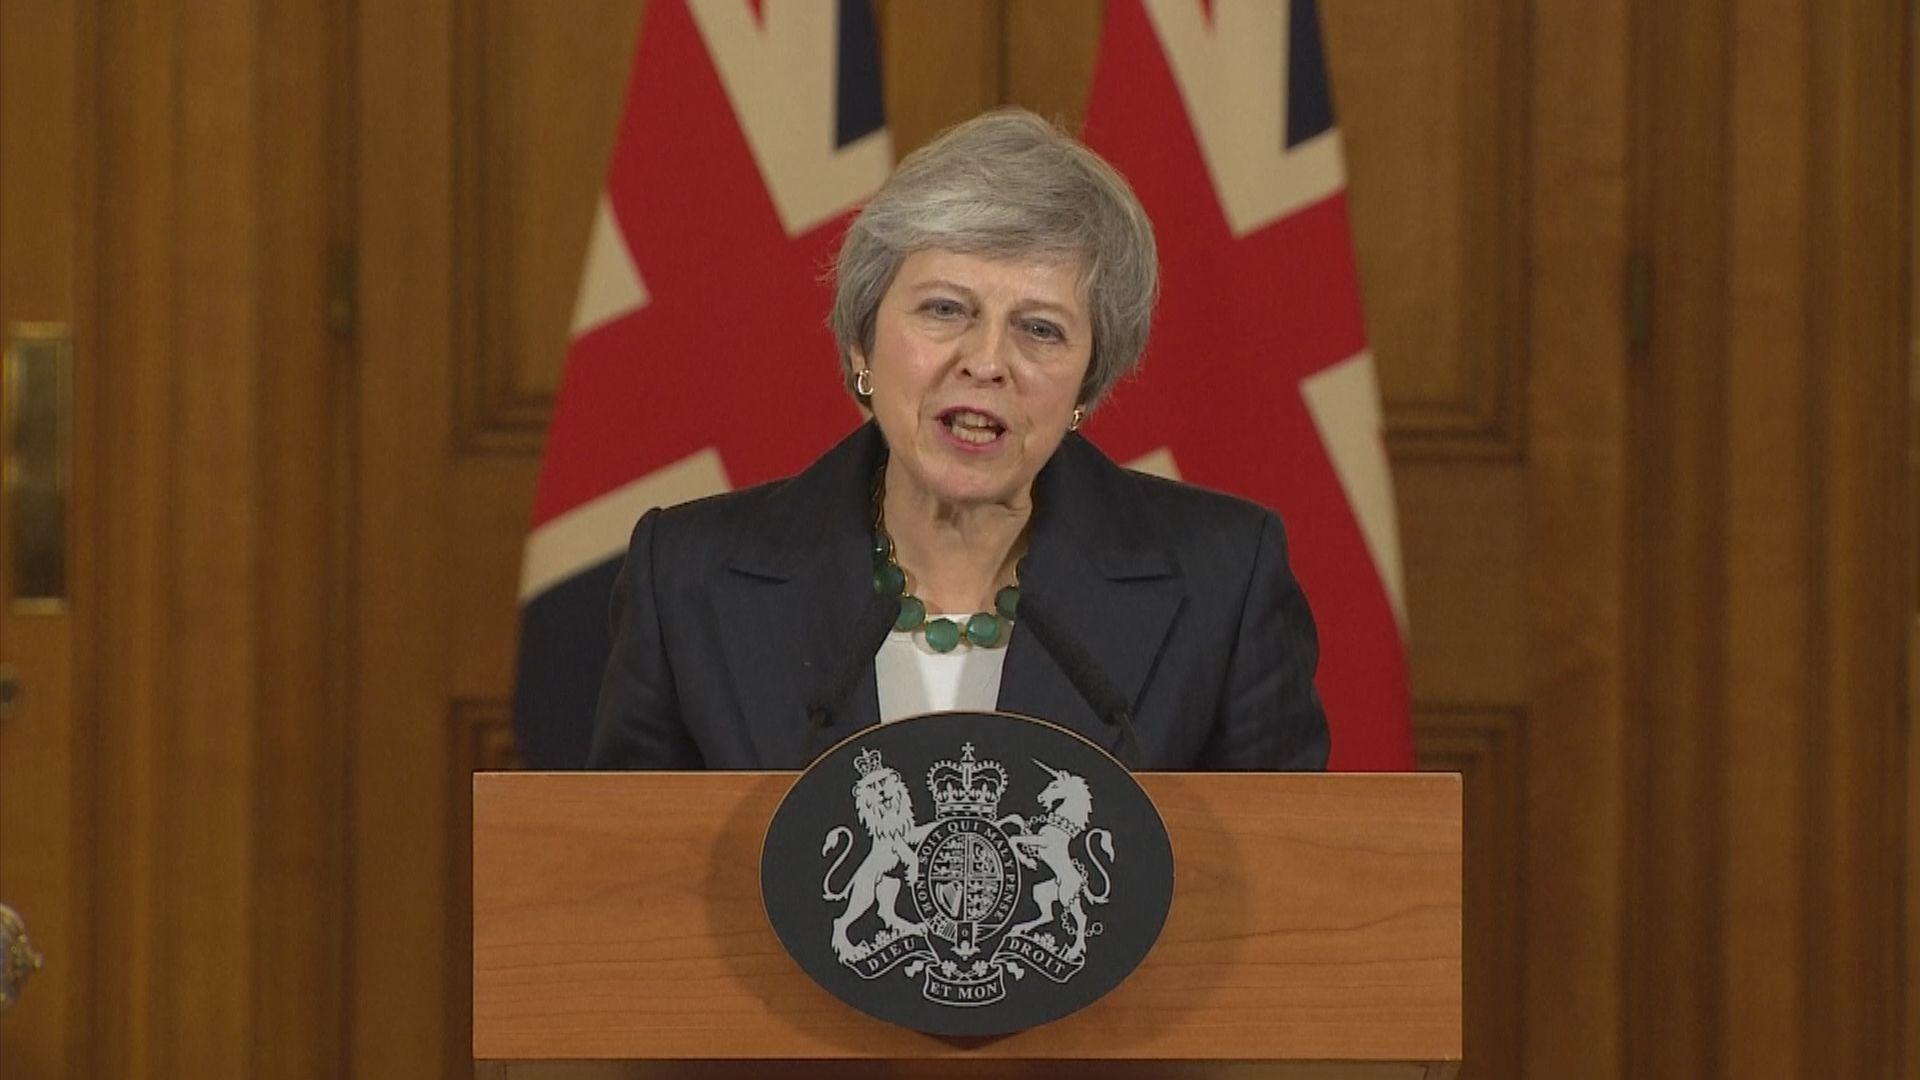 倫敦有示威者抗議脫歐協議草案